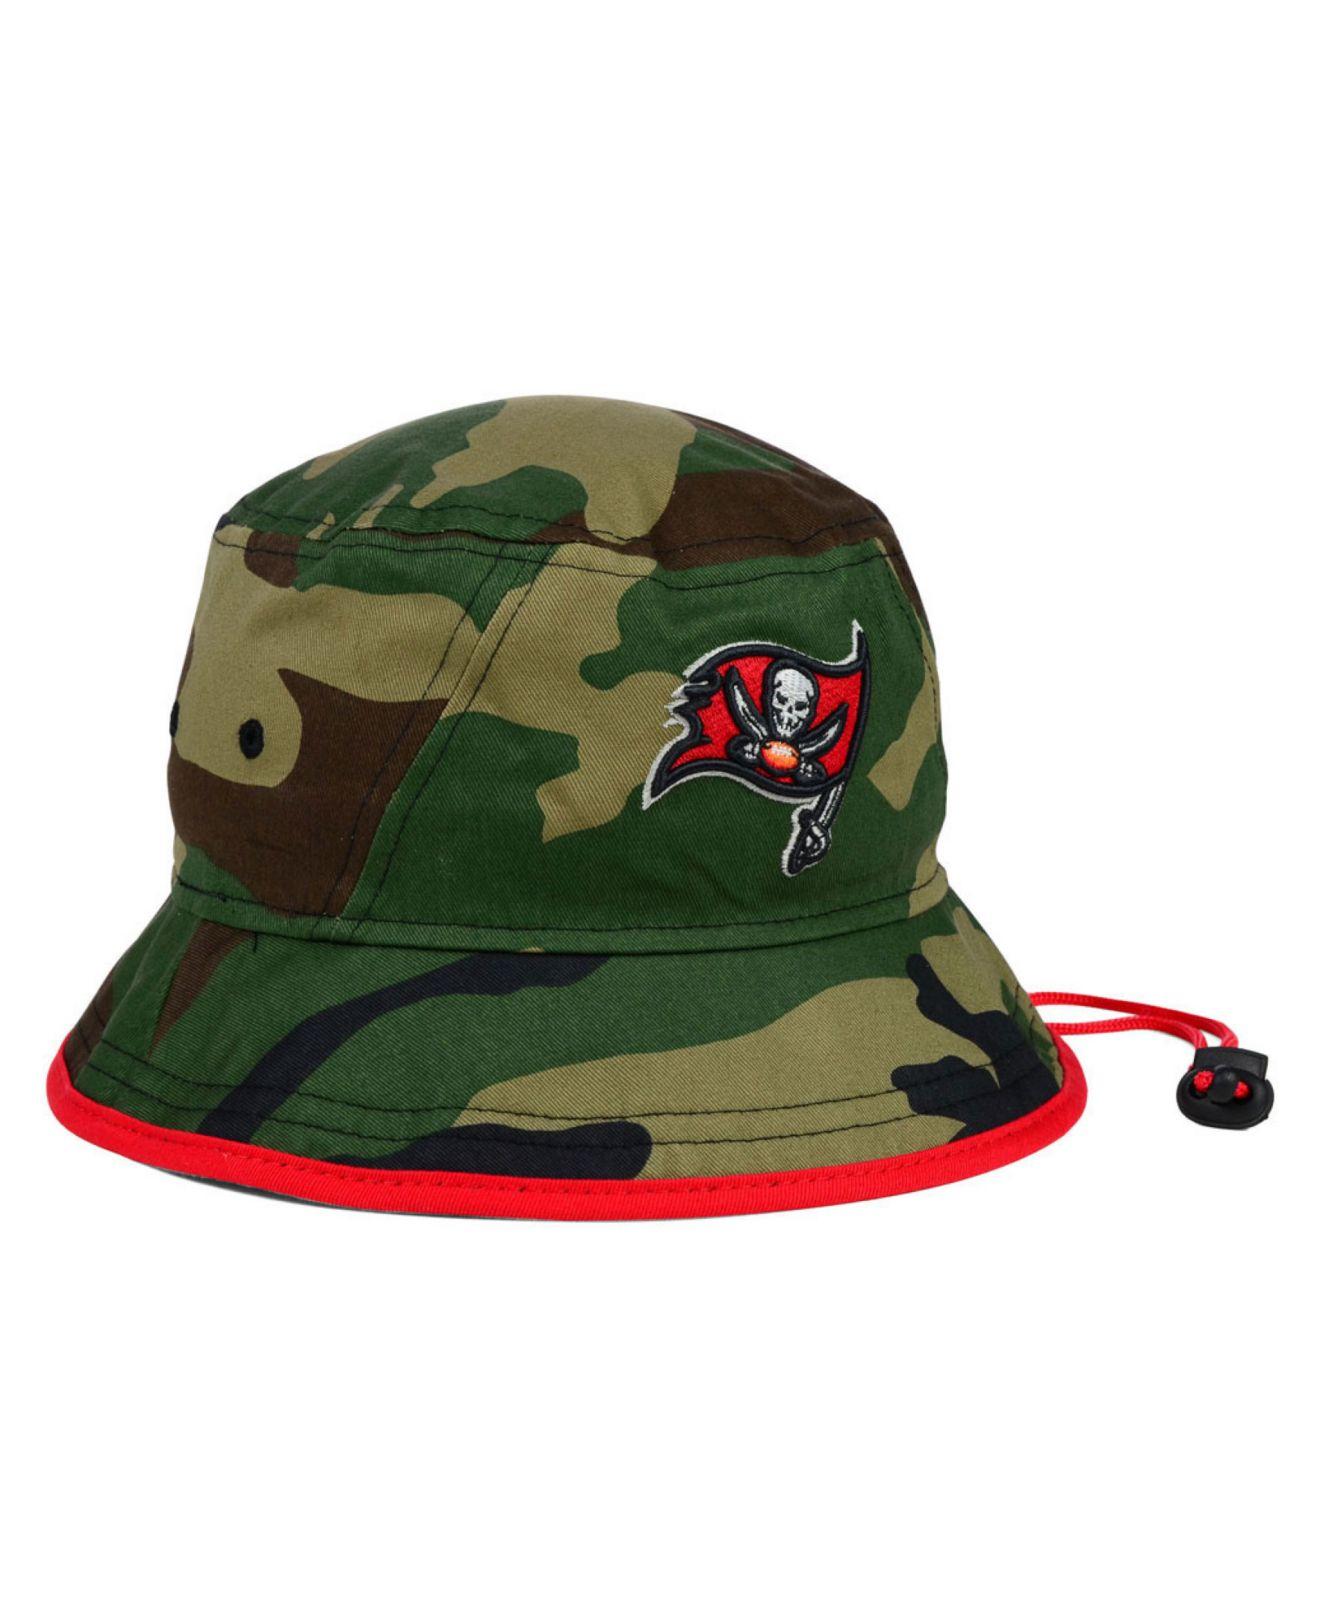 Lyst - KTZ Tampa Bay Buccaneers Camo Pop Bucket Hat in Green for Men f676948e5de